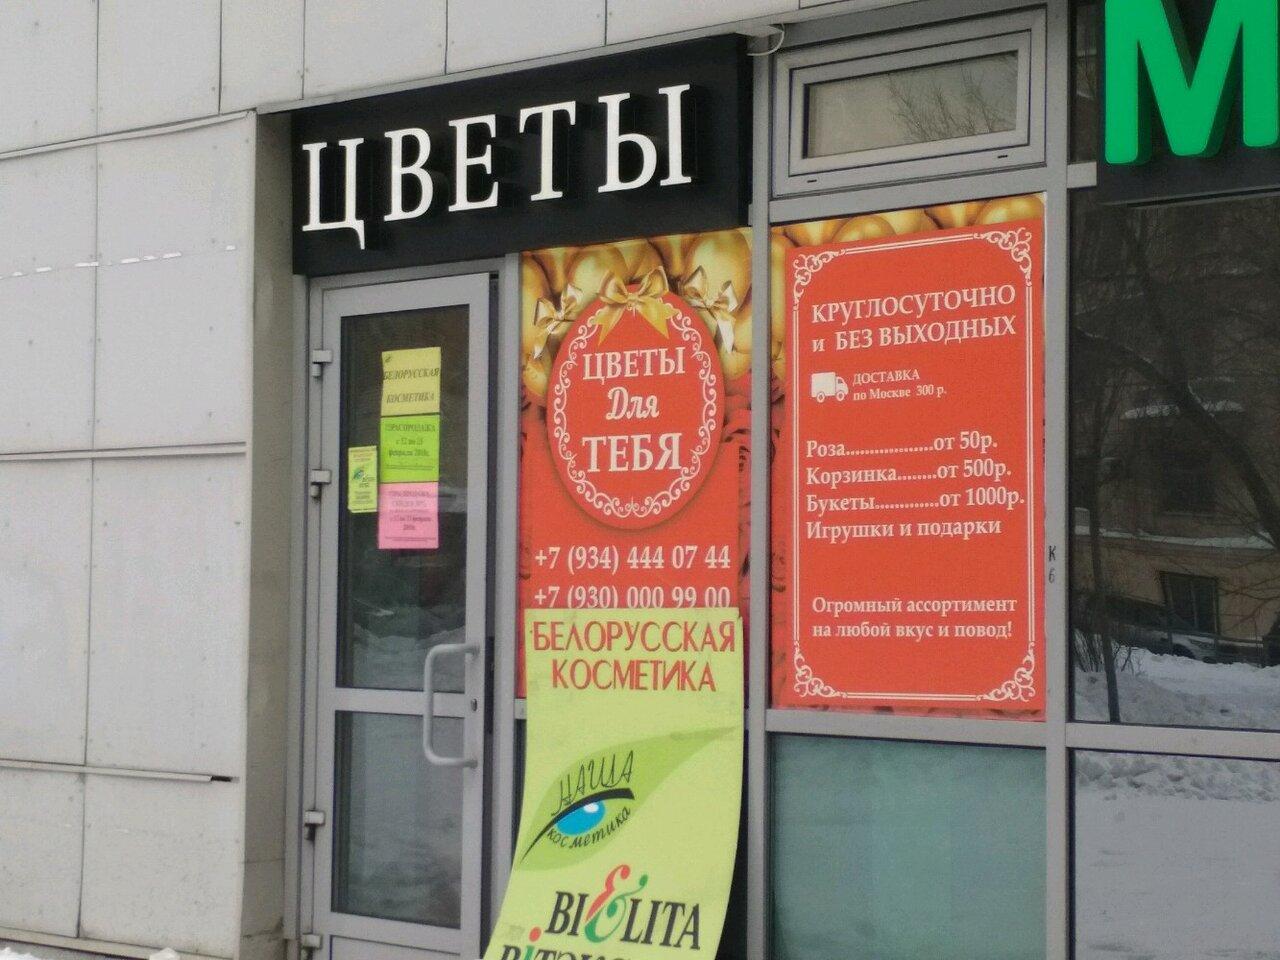 Купила косметику в кредит весковский переулок 3 косметика holy land купить хабаровск